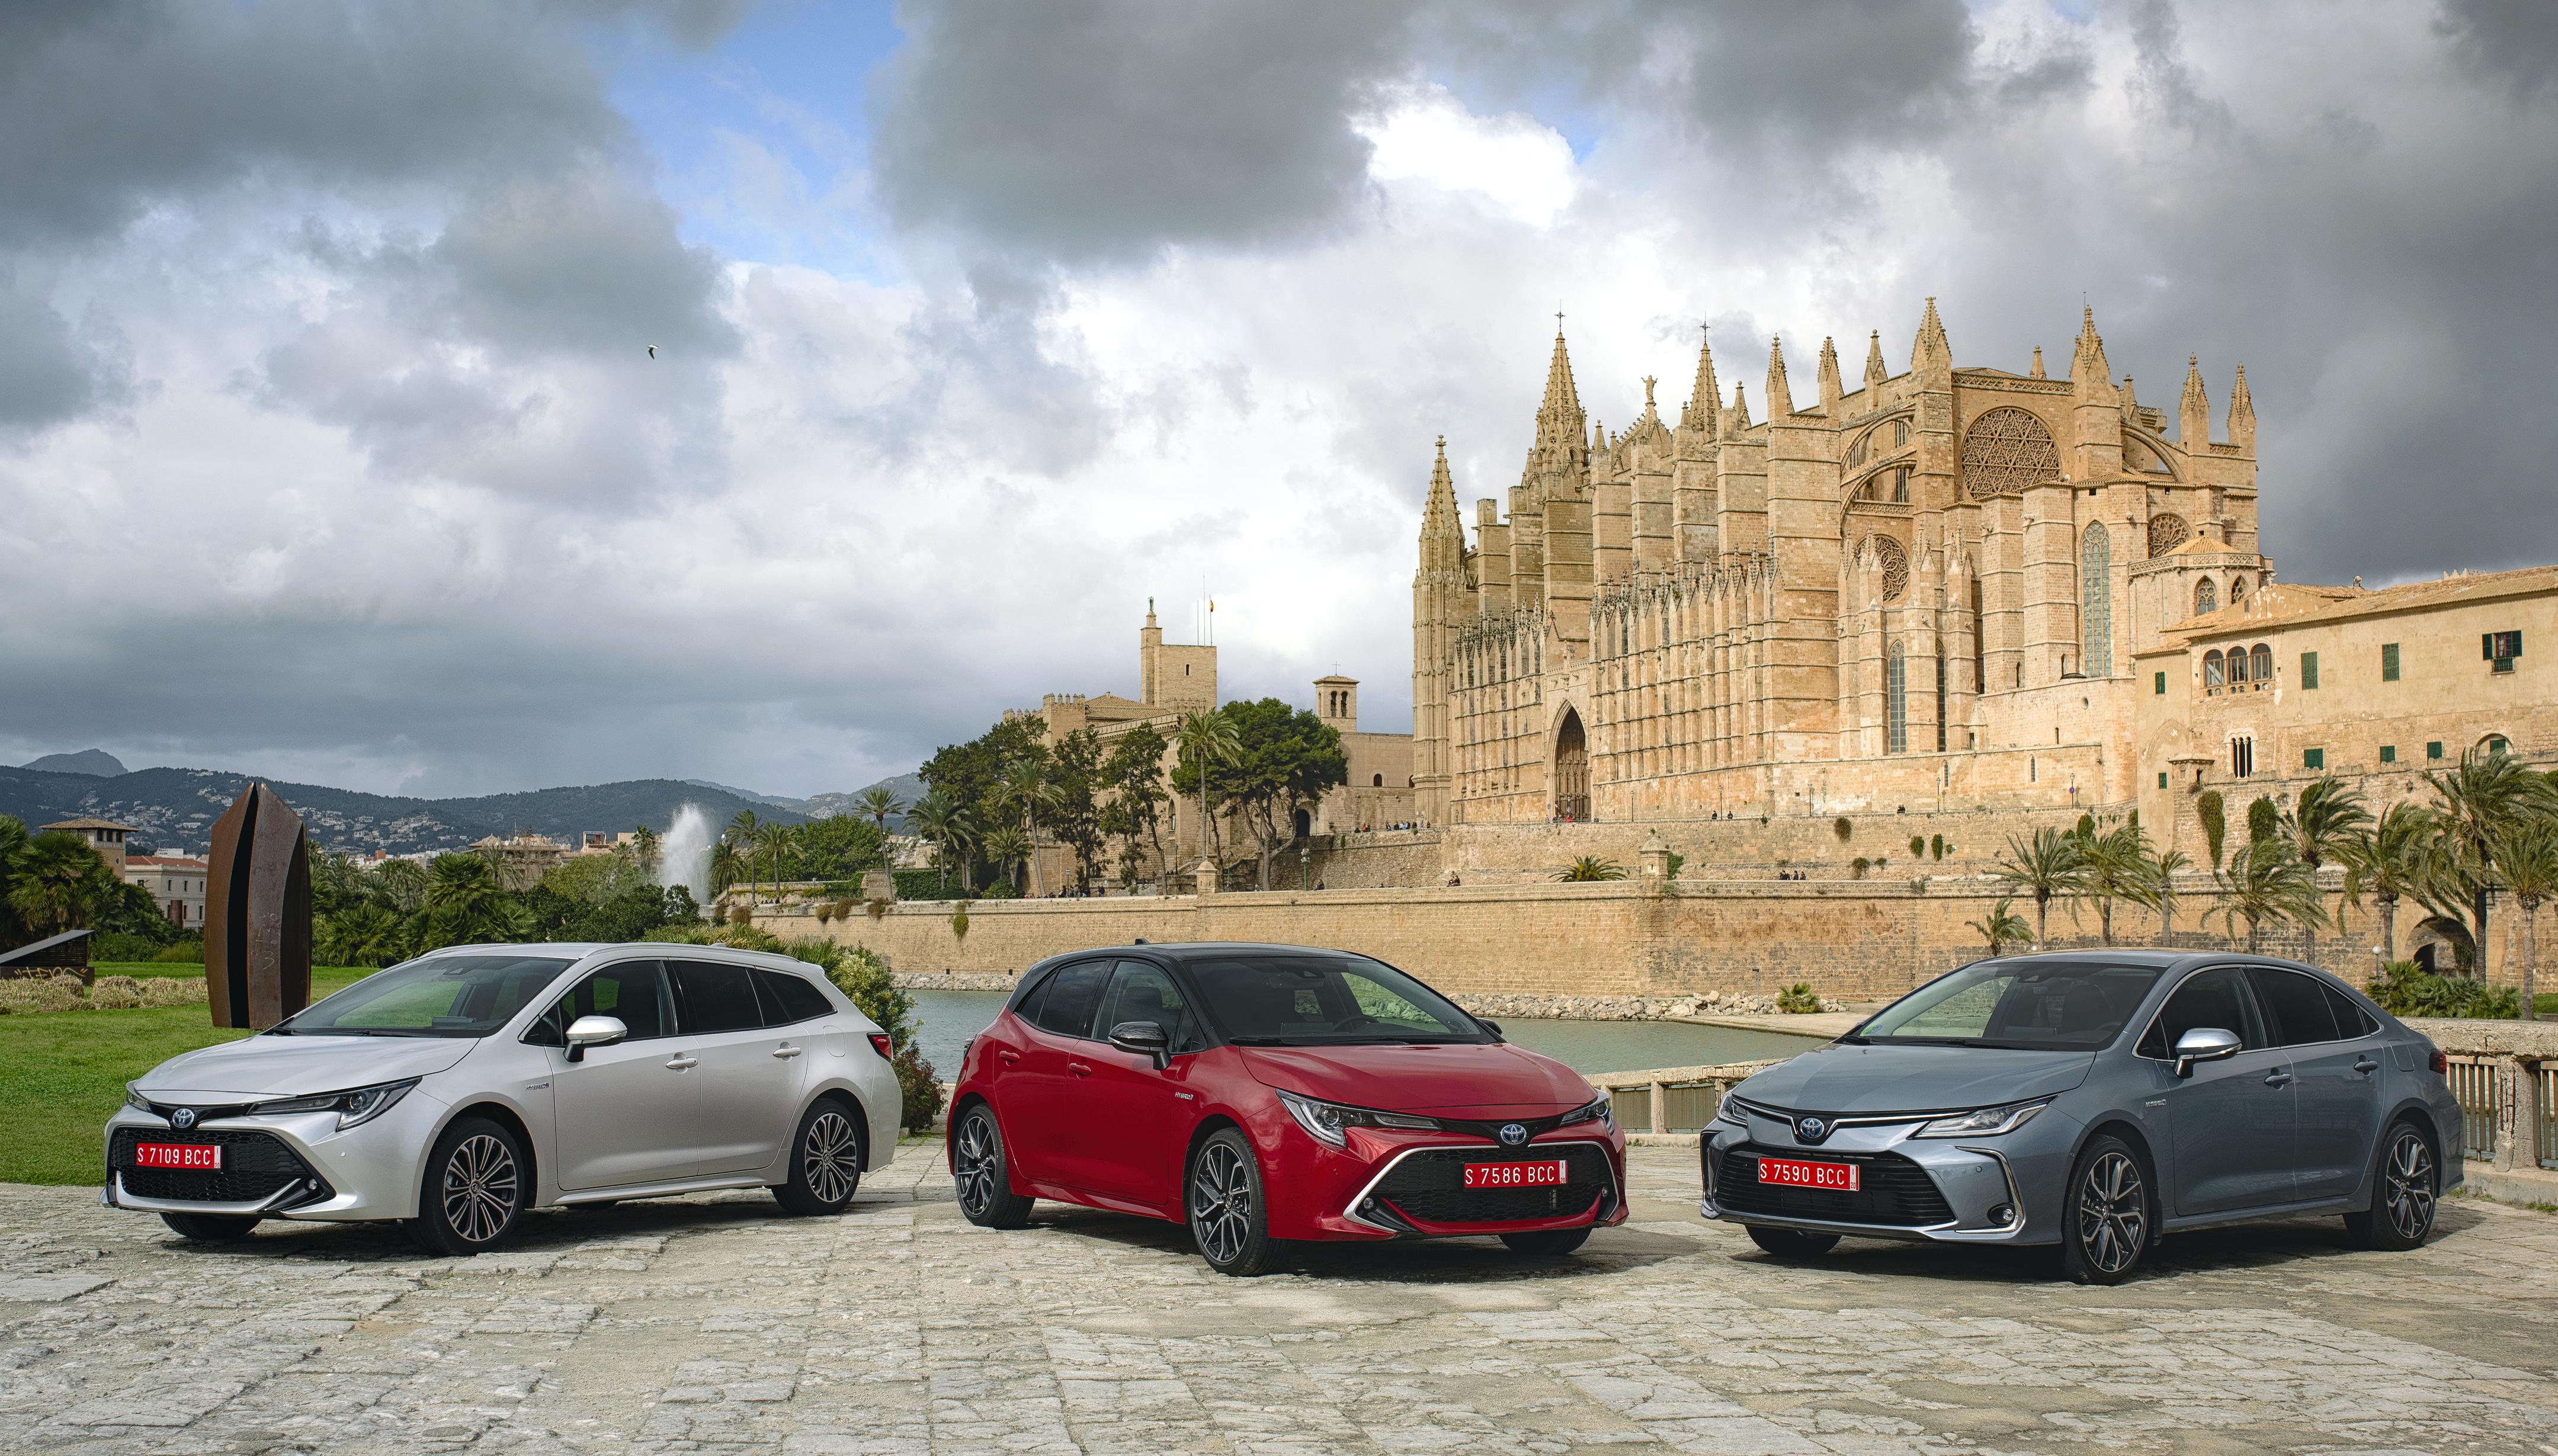 Фотография Toyota 2018-19 Corolla Трое 3 Автомобили 4318x2458 Тойота три авто машина машины втроем автомобиль